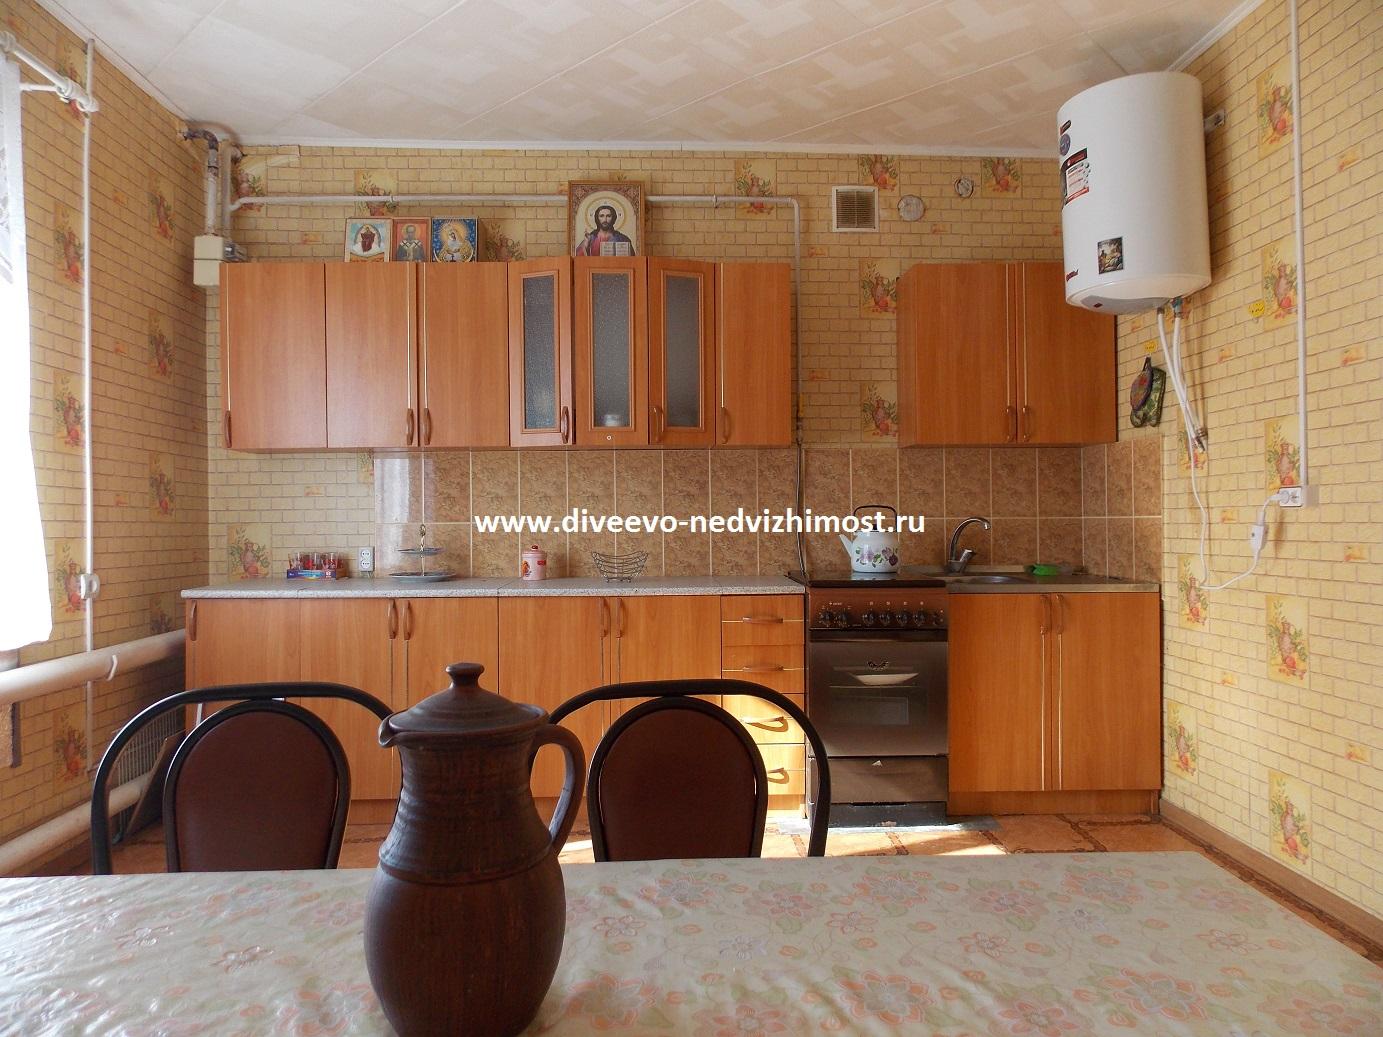 Дома на продажу в Дивеевском районе - RosRealt ru